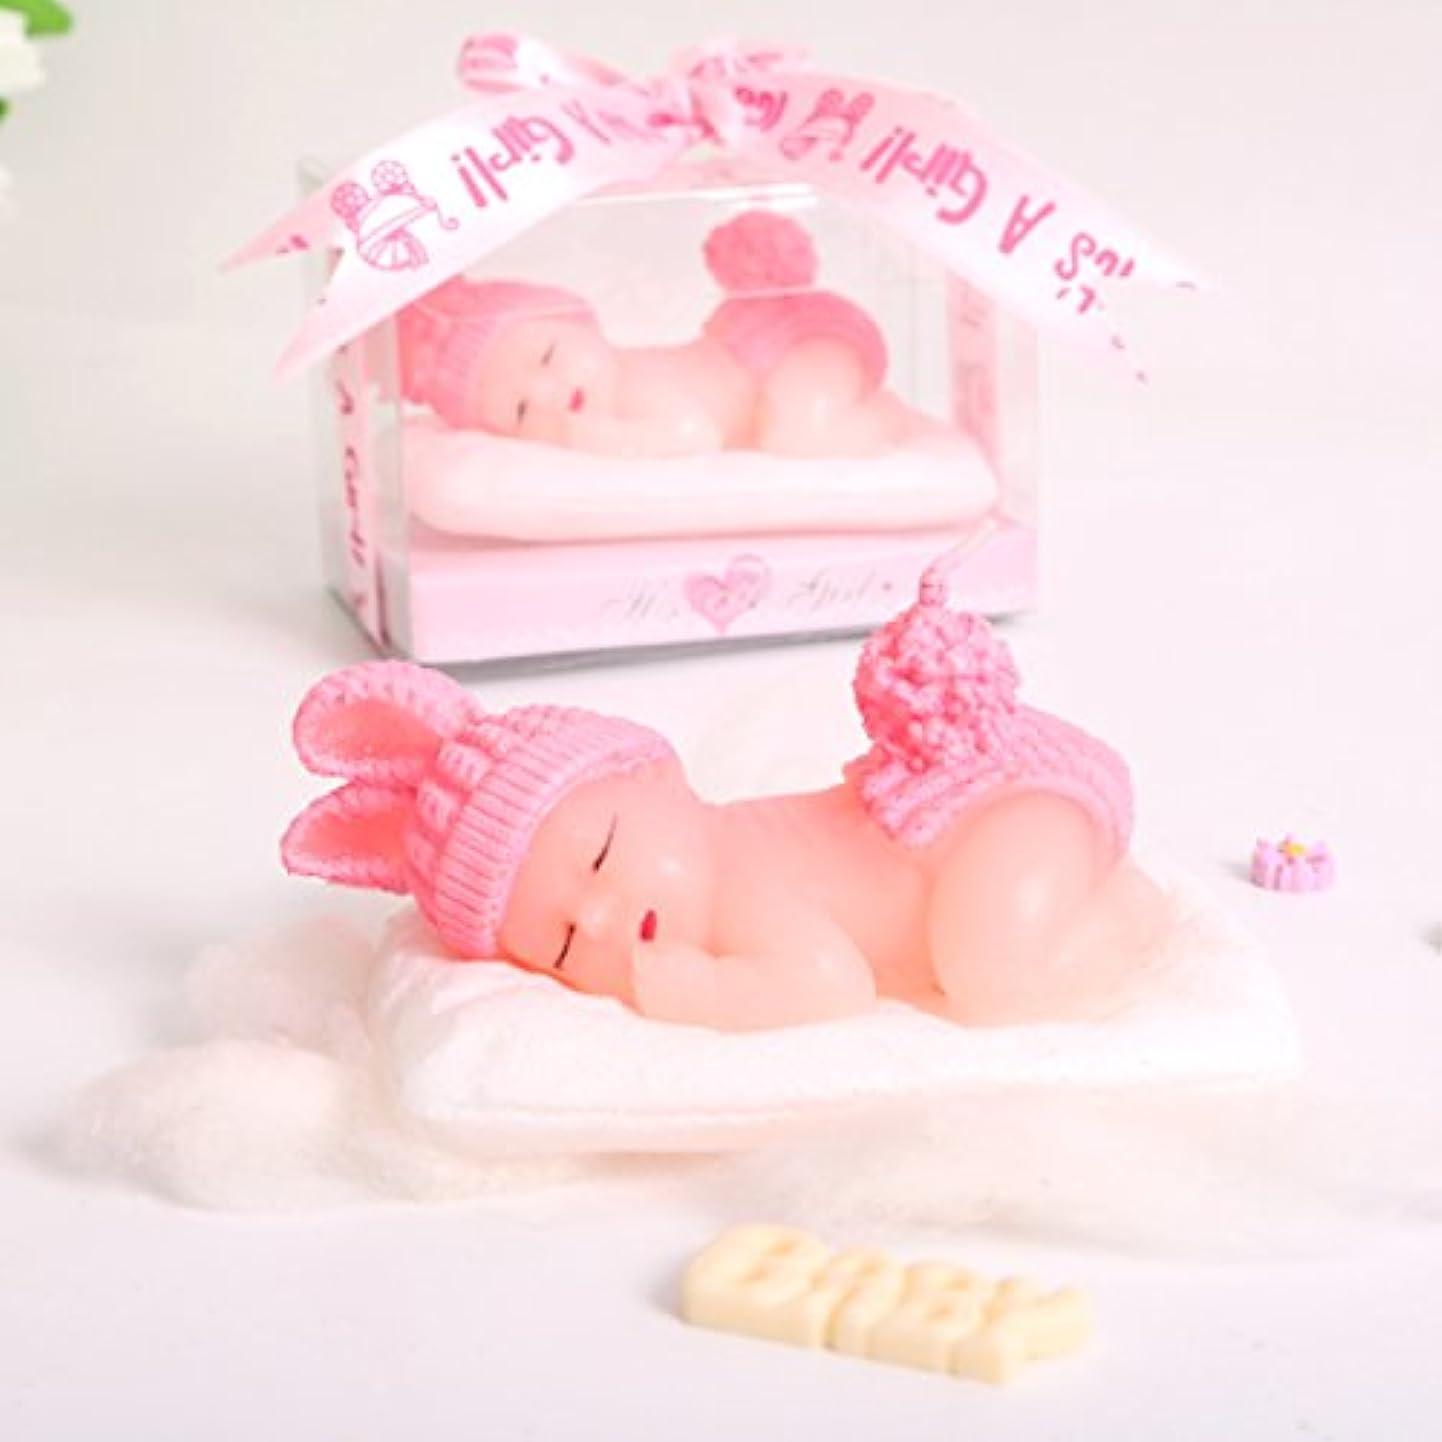 構築する腐敗したしわ(1 Pack, It's a Girl) - Adorable Mini Baby Birthday Candle Christening Baby Shower Favours Attached with Greeting...